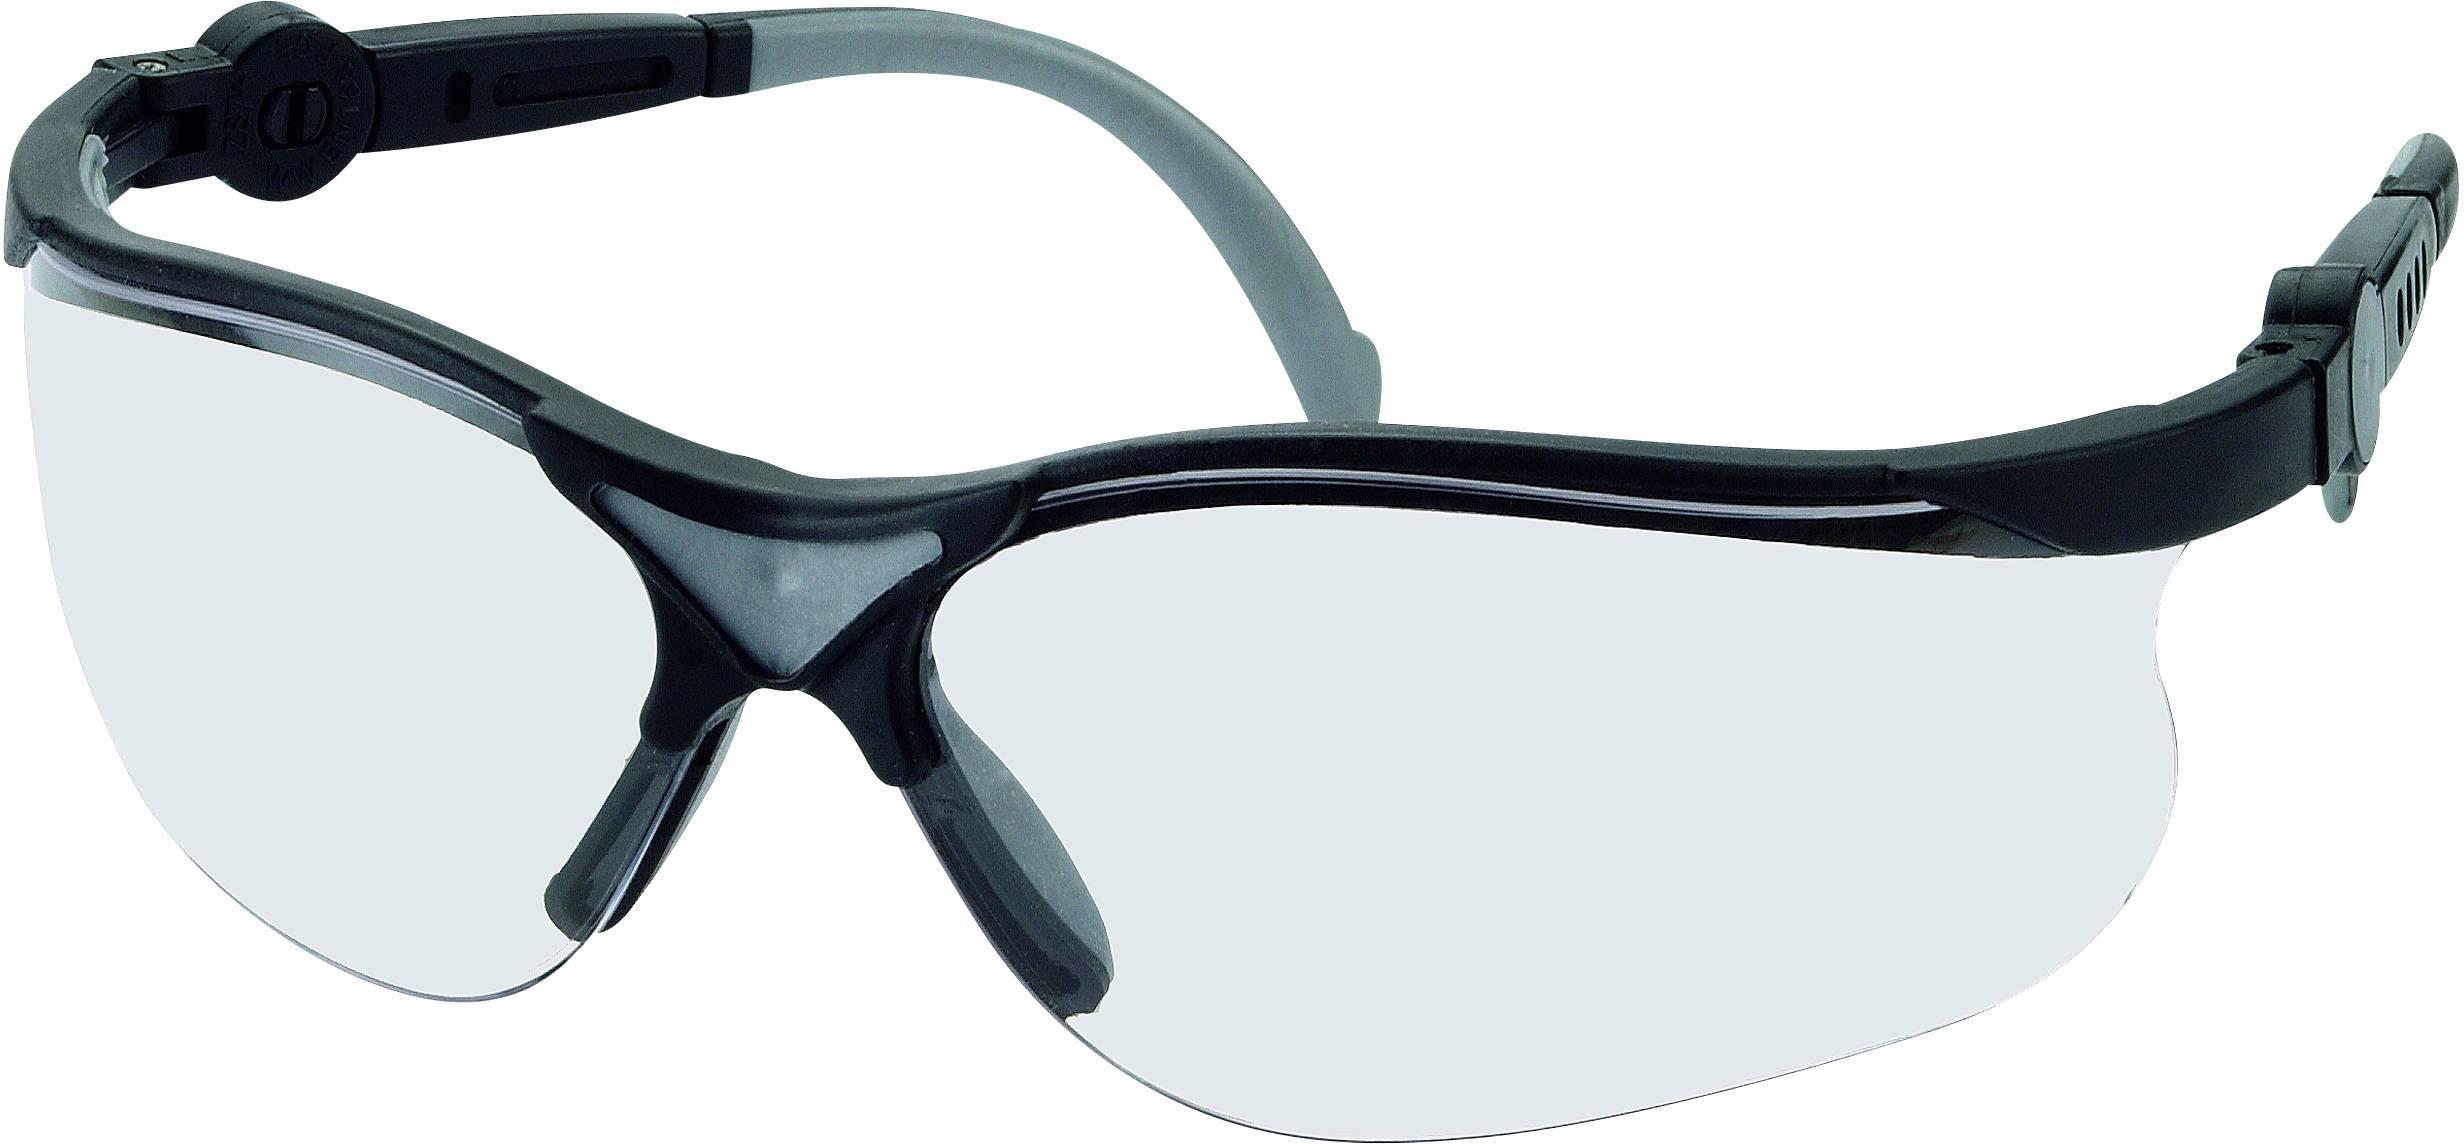 Ochranné okuliare Leipold & Dohle Black